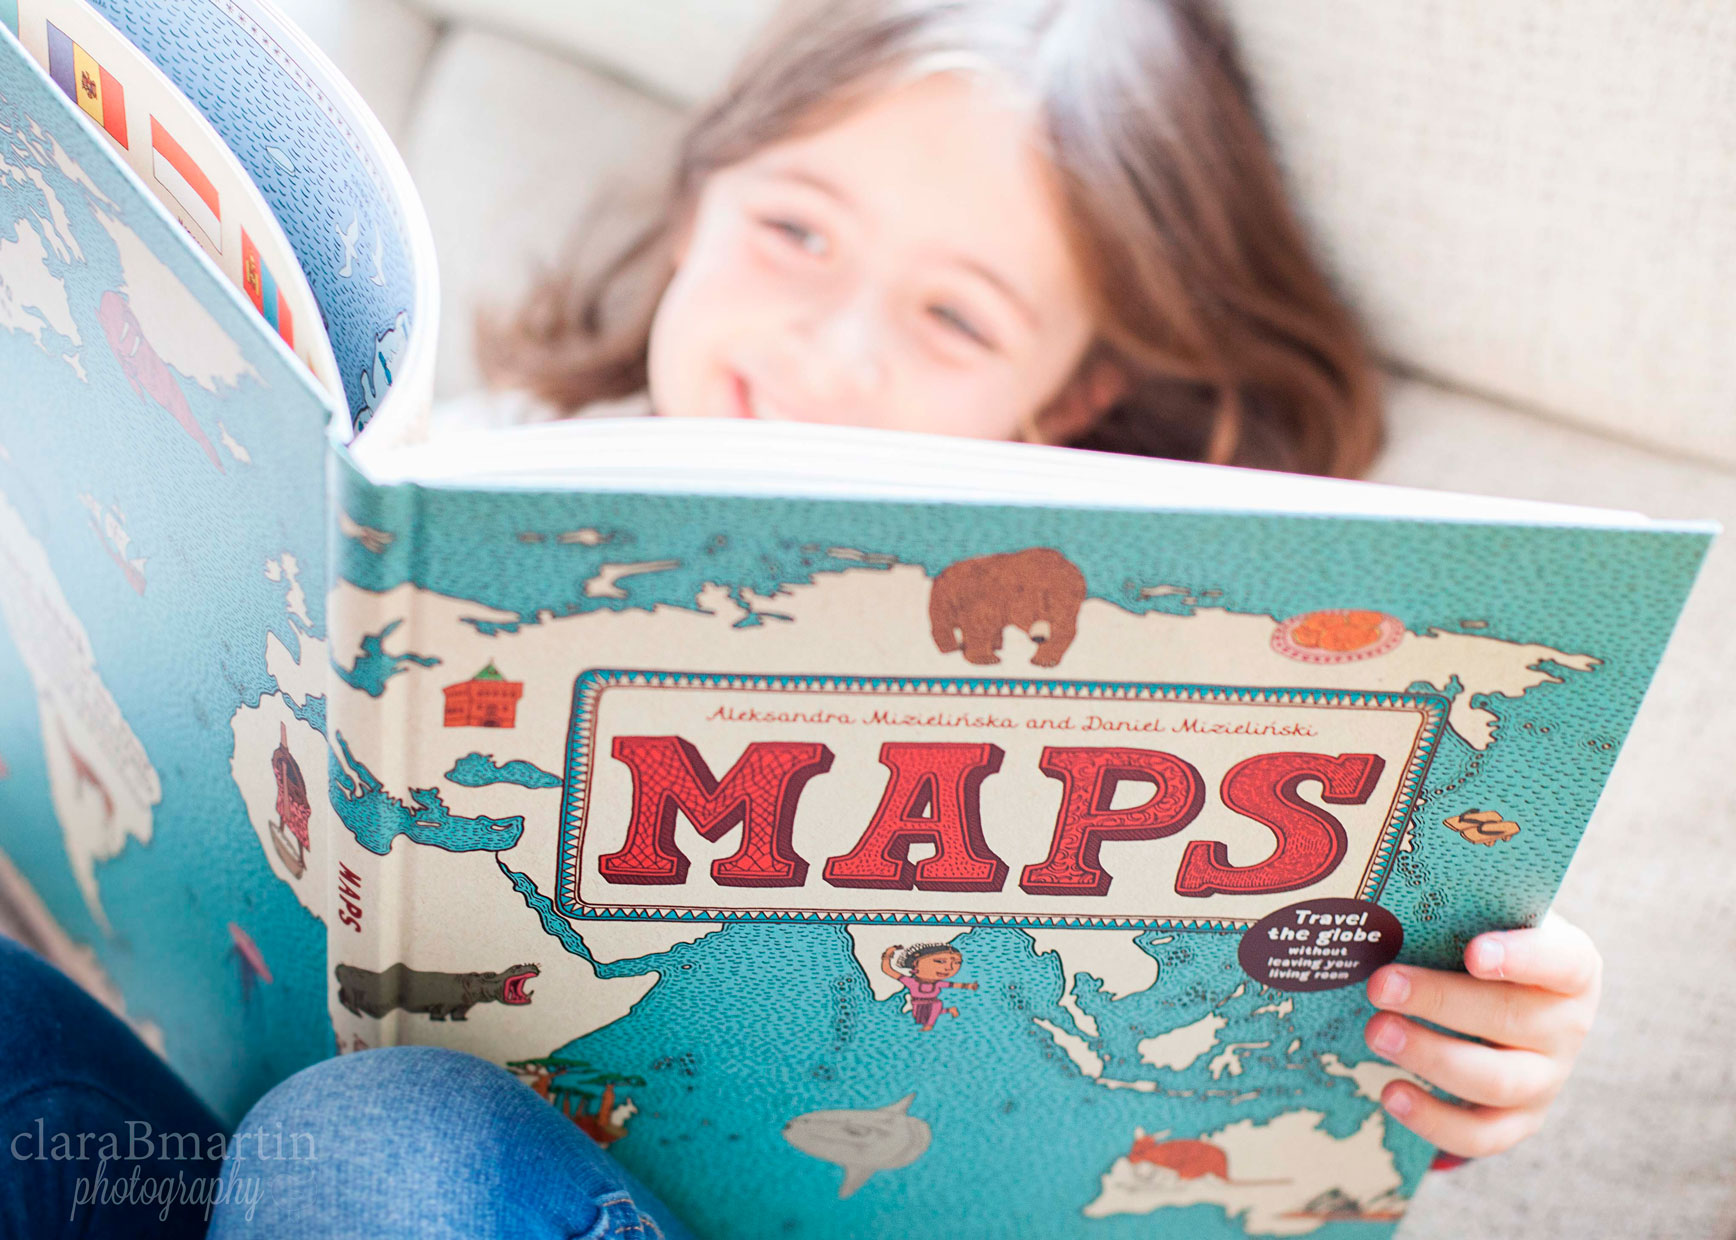 Libro Maps_claraBmartin03